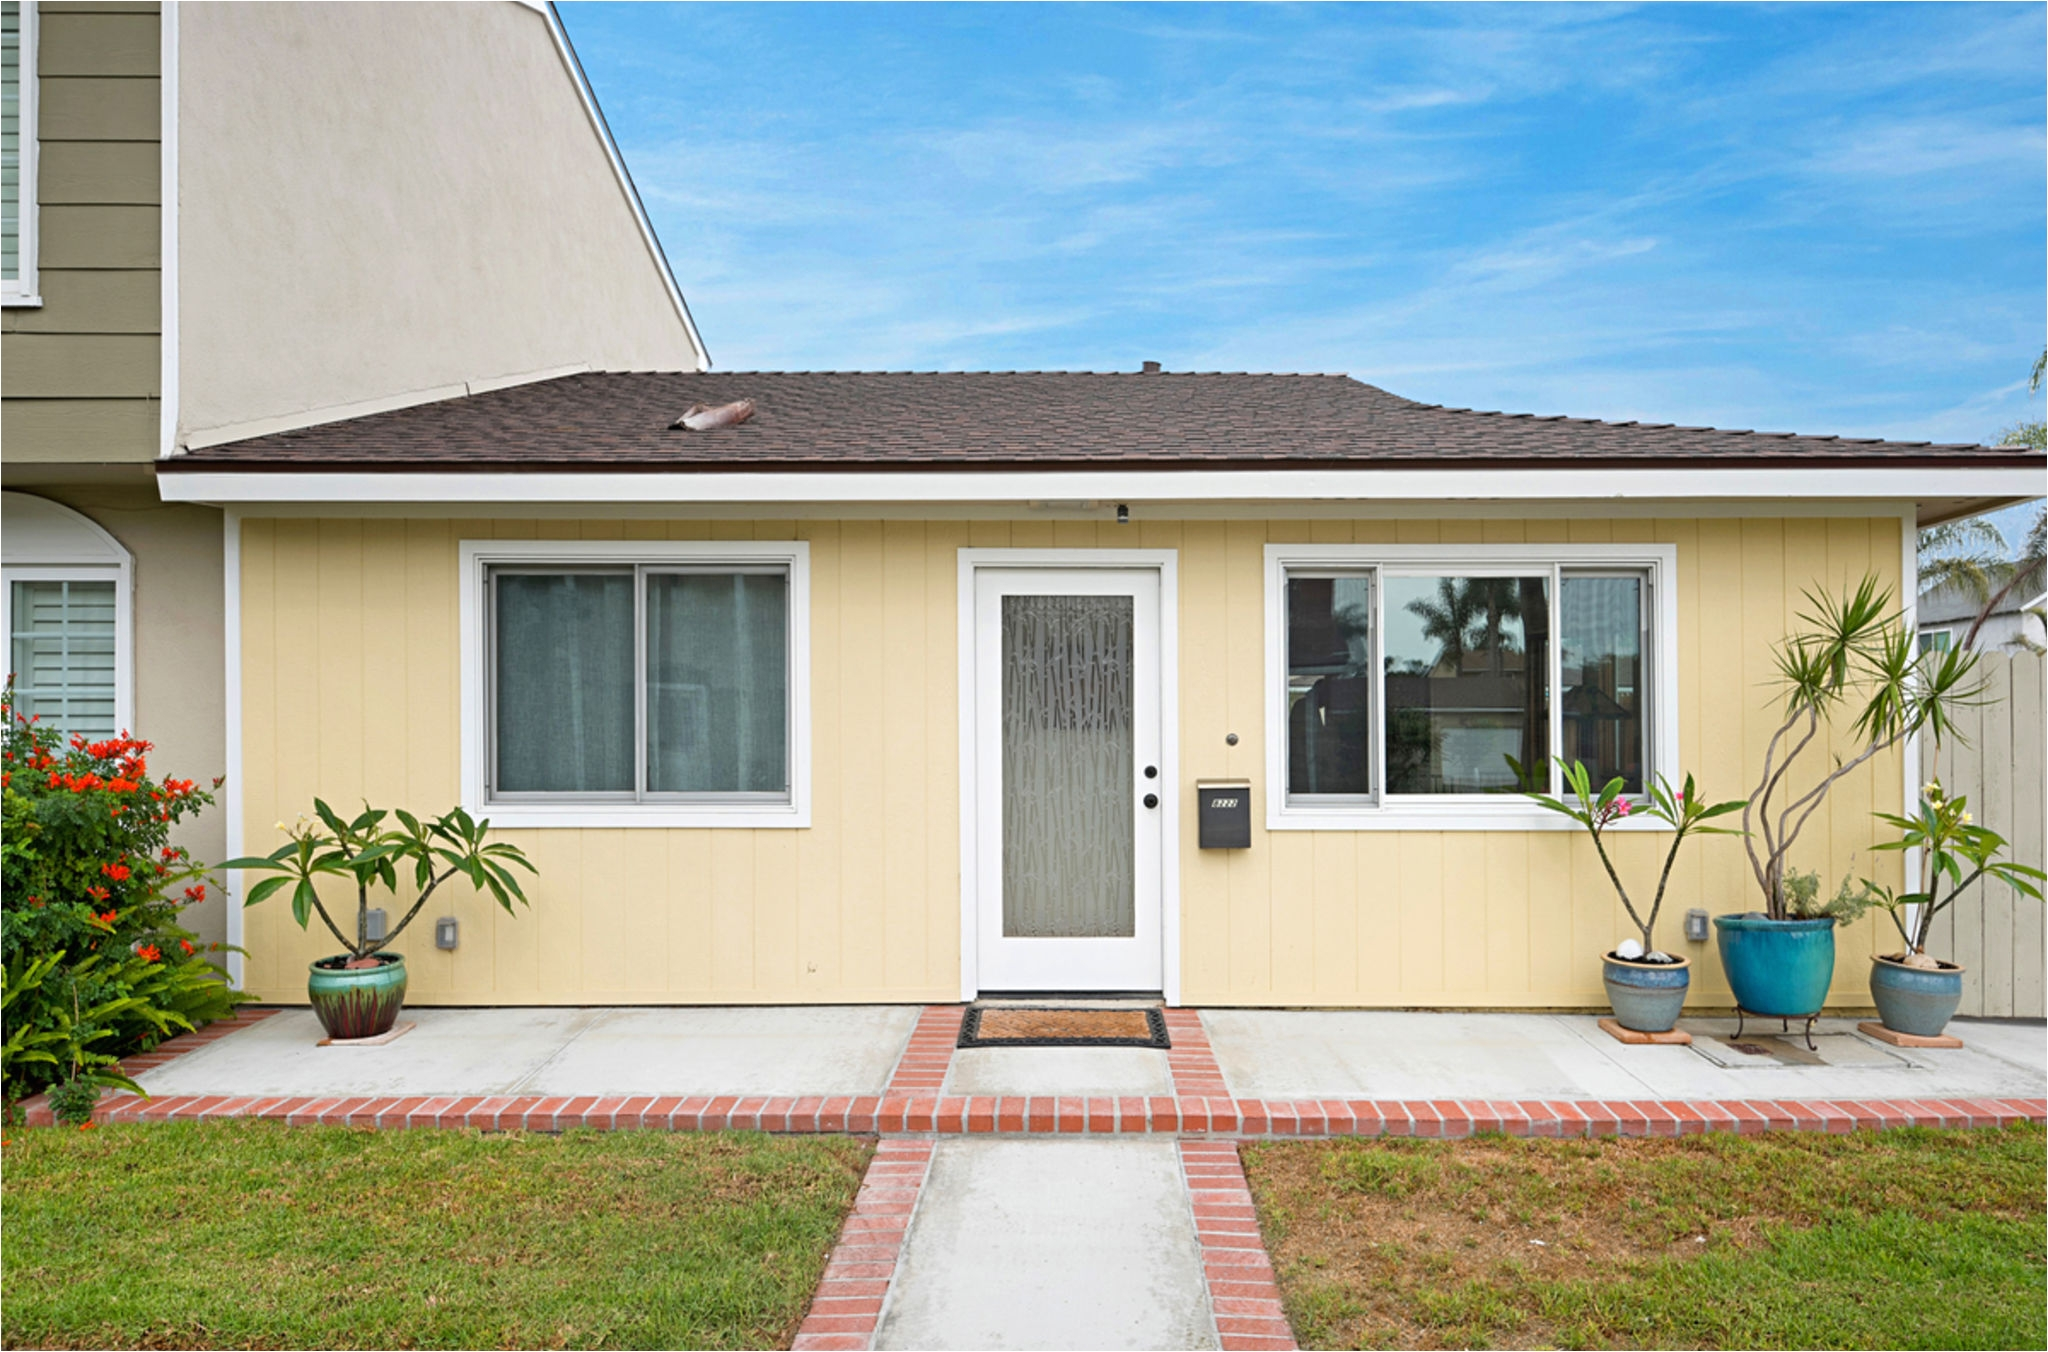 Homes for Sale In Huntington Beach Ca Huntington Beach Ca by Eric Smith